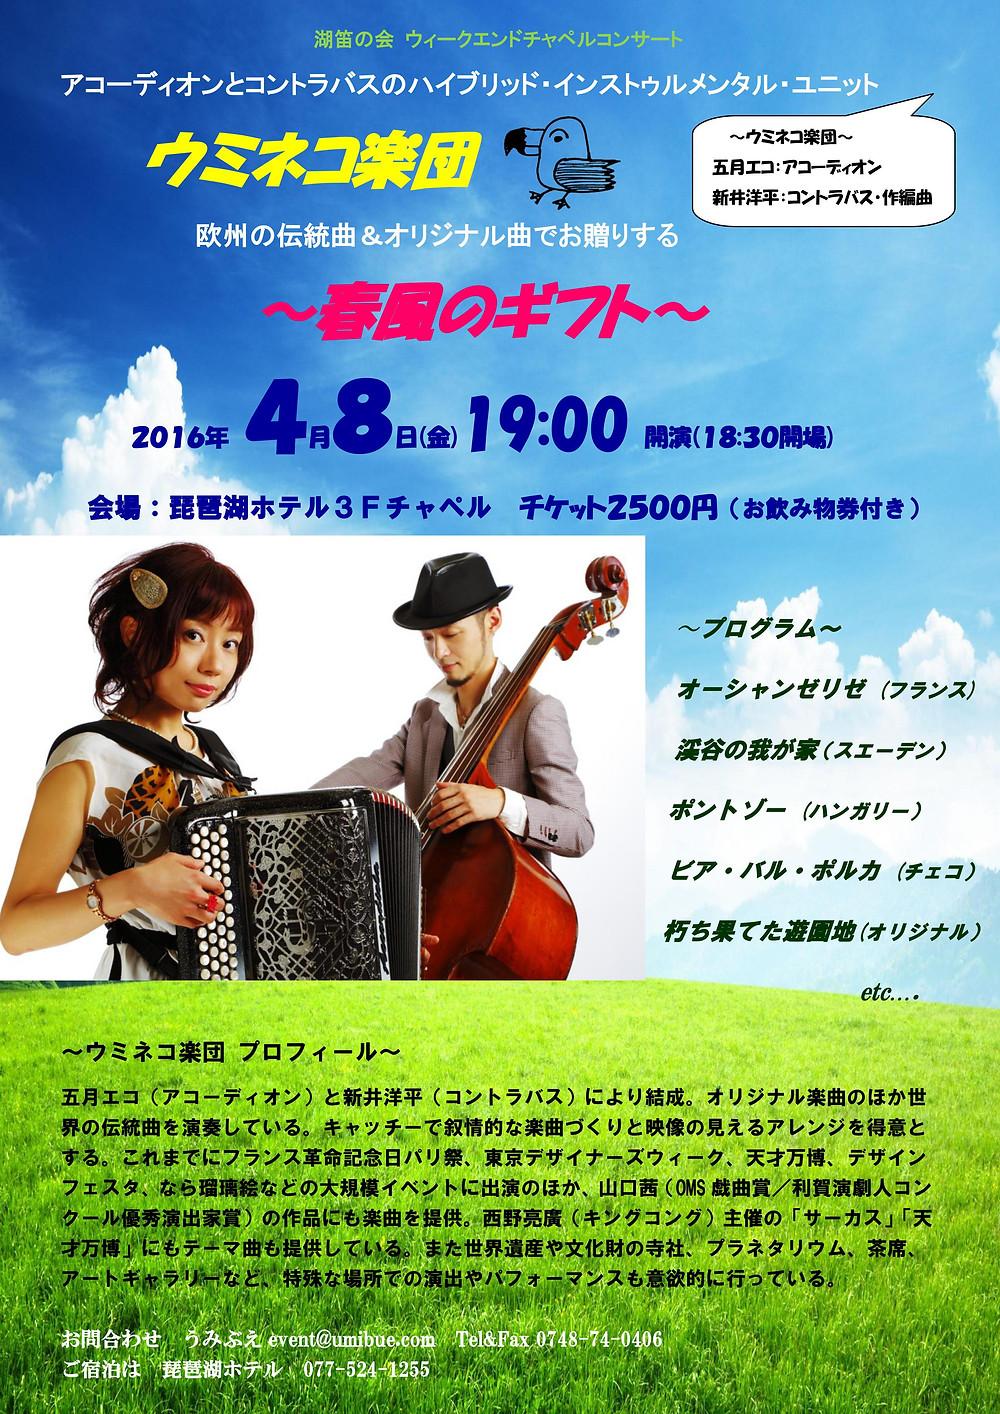 【4月8日】湖笛の会ウィークエンドチャペルコンサート